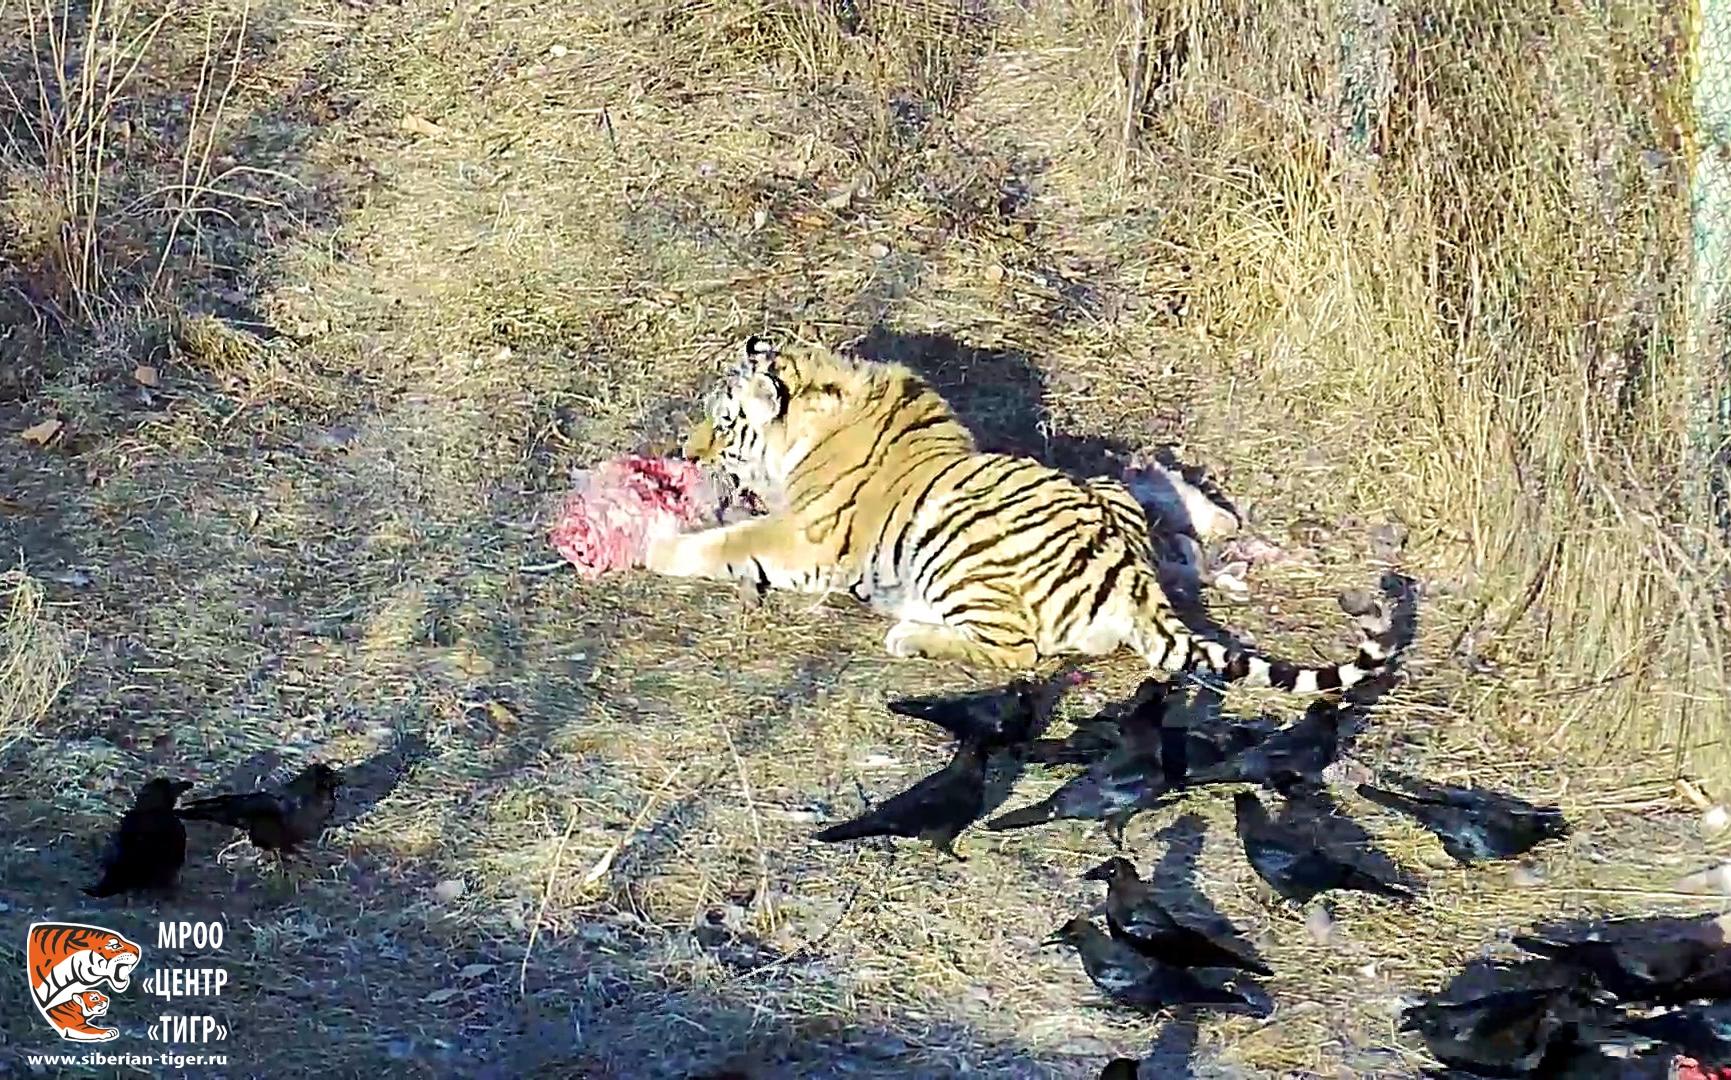 центр тигр